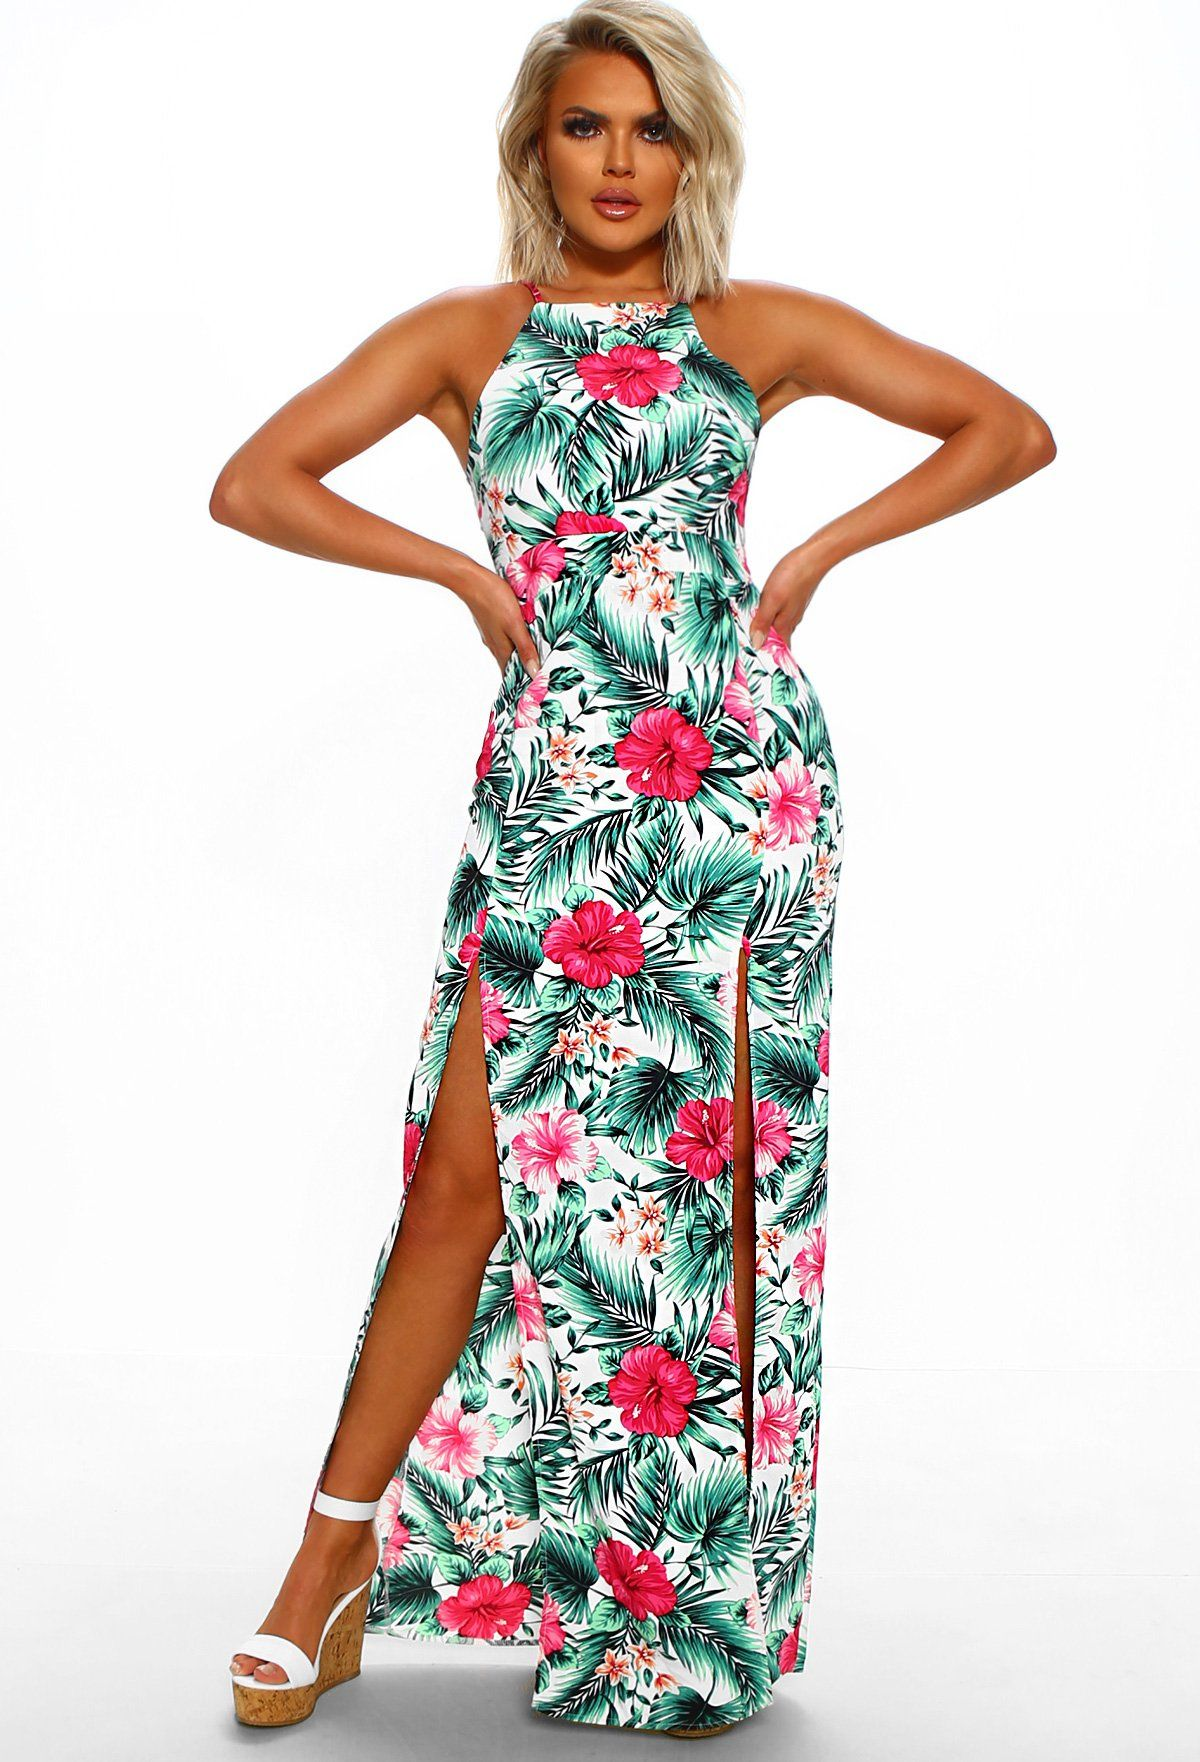 Caribbean Island White Tropical Print Maxi Dress Tropical Print Maxi Dress Maxi Dress Printed Maxi Dress